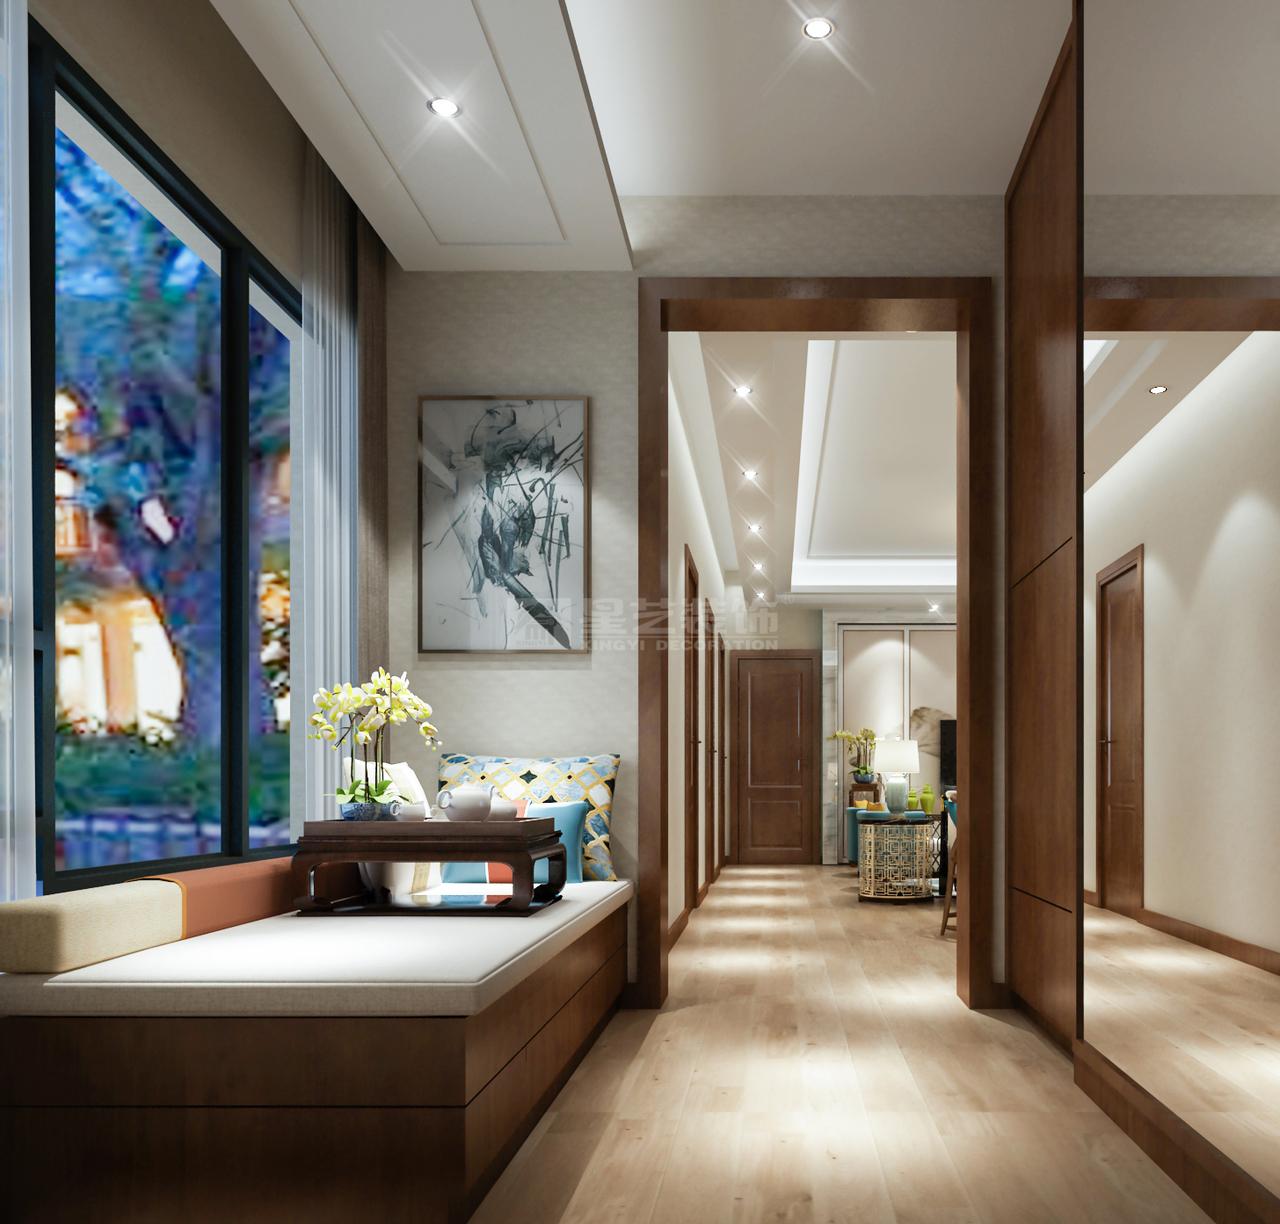 入户玄关处以实木色为主调,暖色调壁灯的映衬下,渲染温馨雅致的氛围。增加飘窗柜设计,或休闲观景,或静坐看书,打造一个可以小憩的空间。